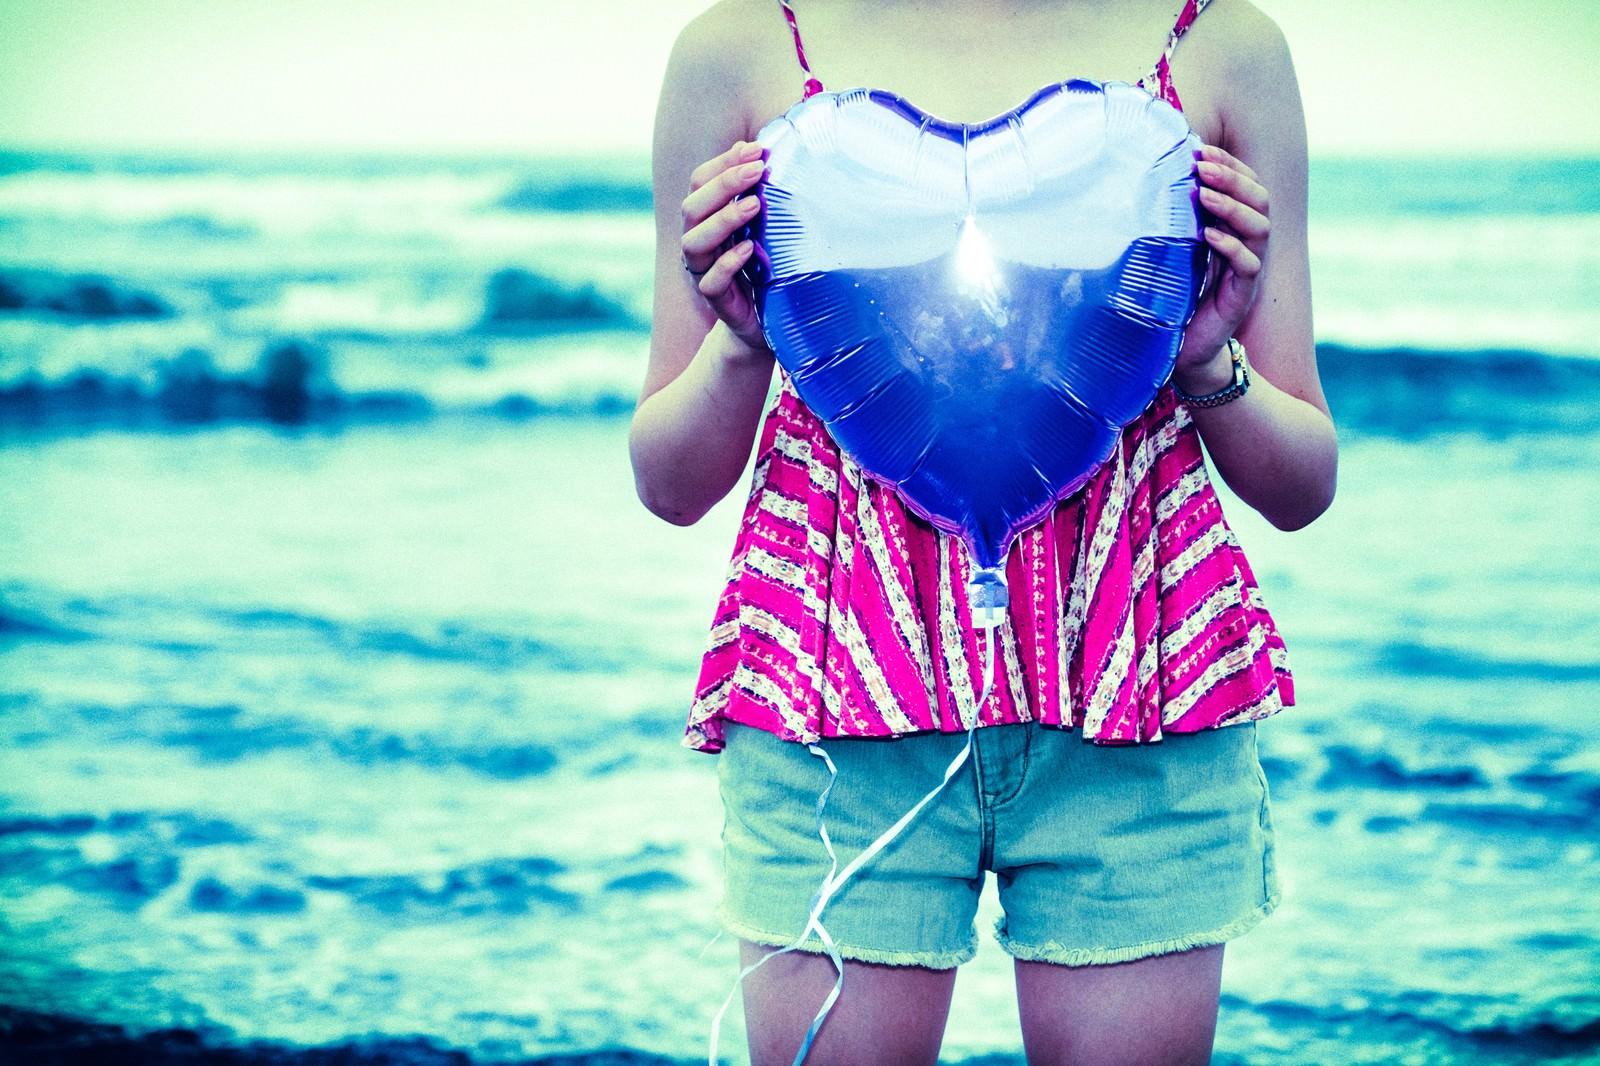 「海沿いでハートを抱えた女子」の写真